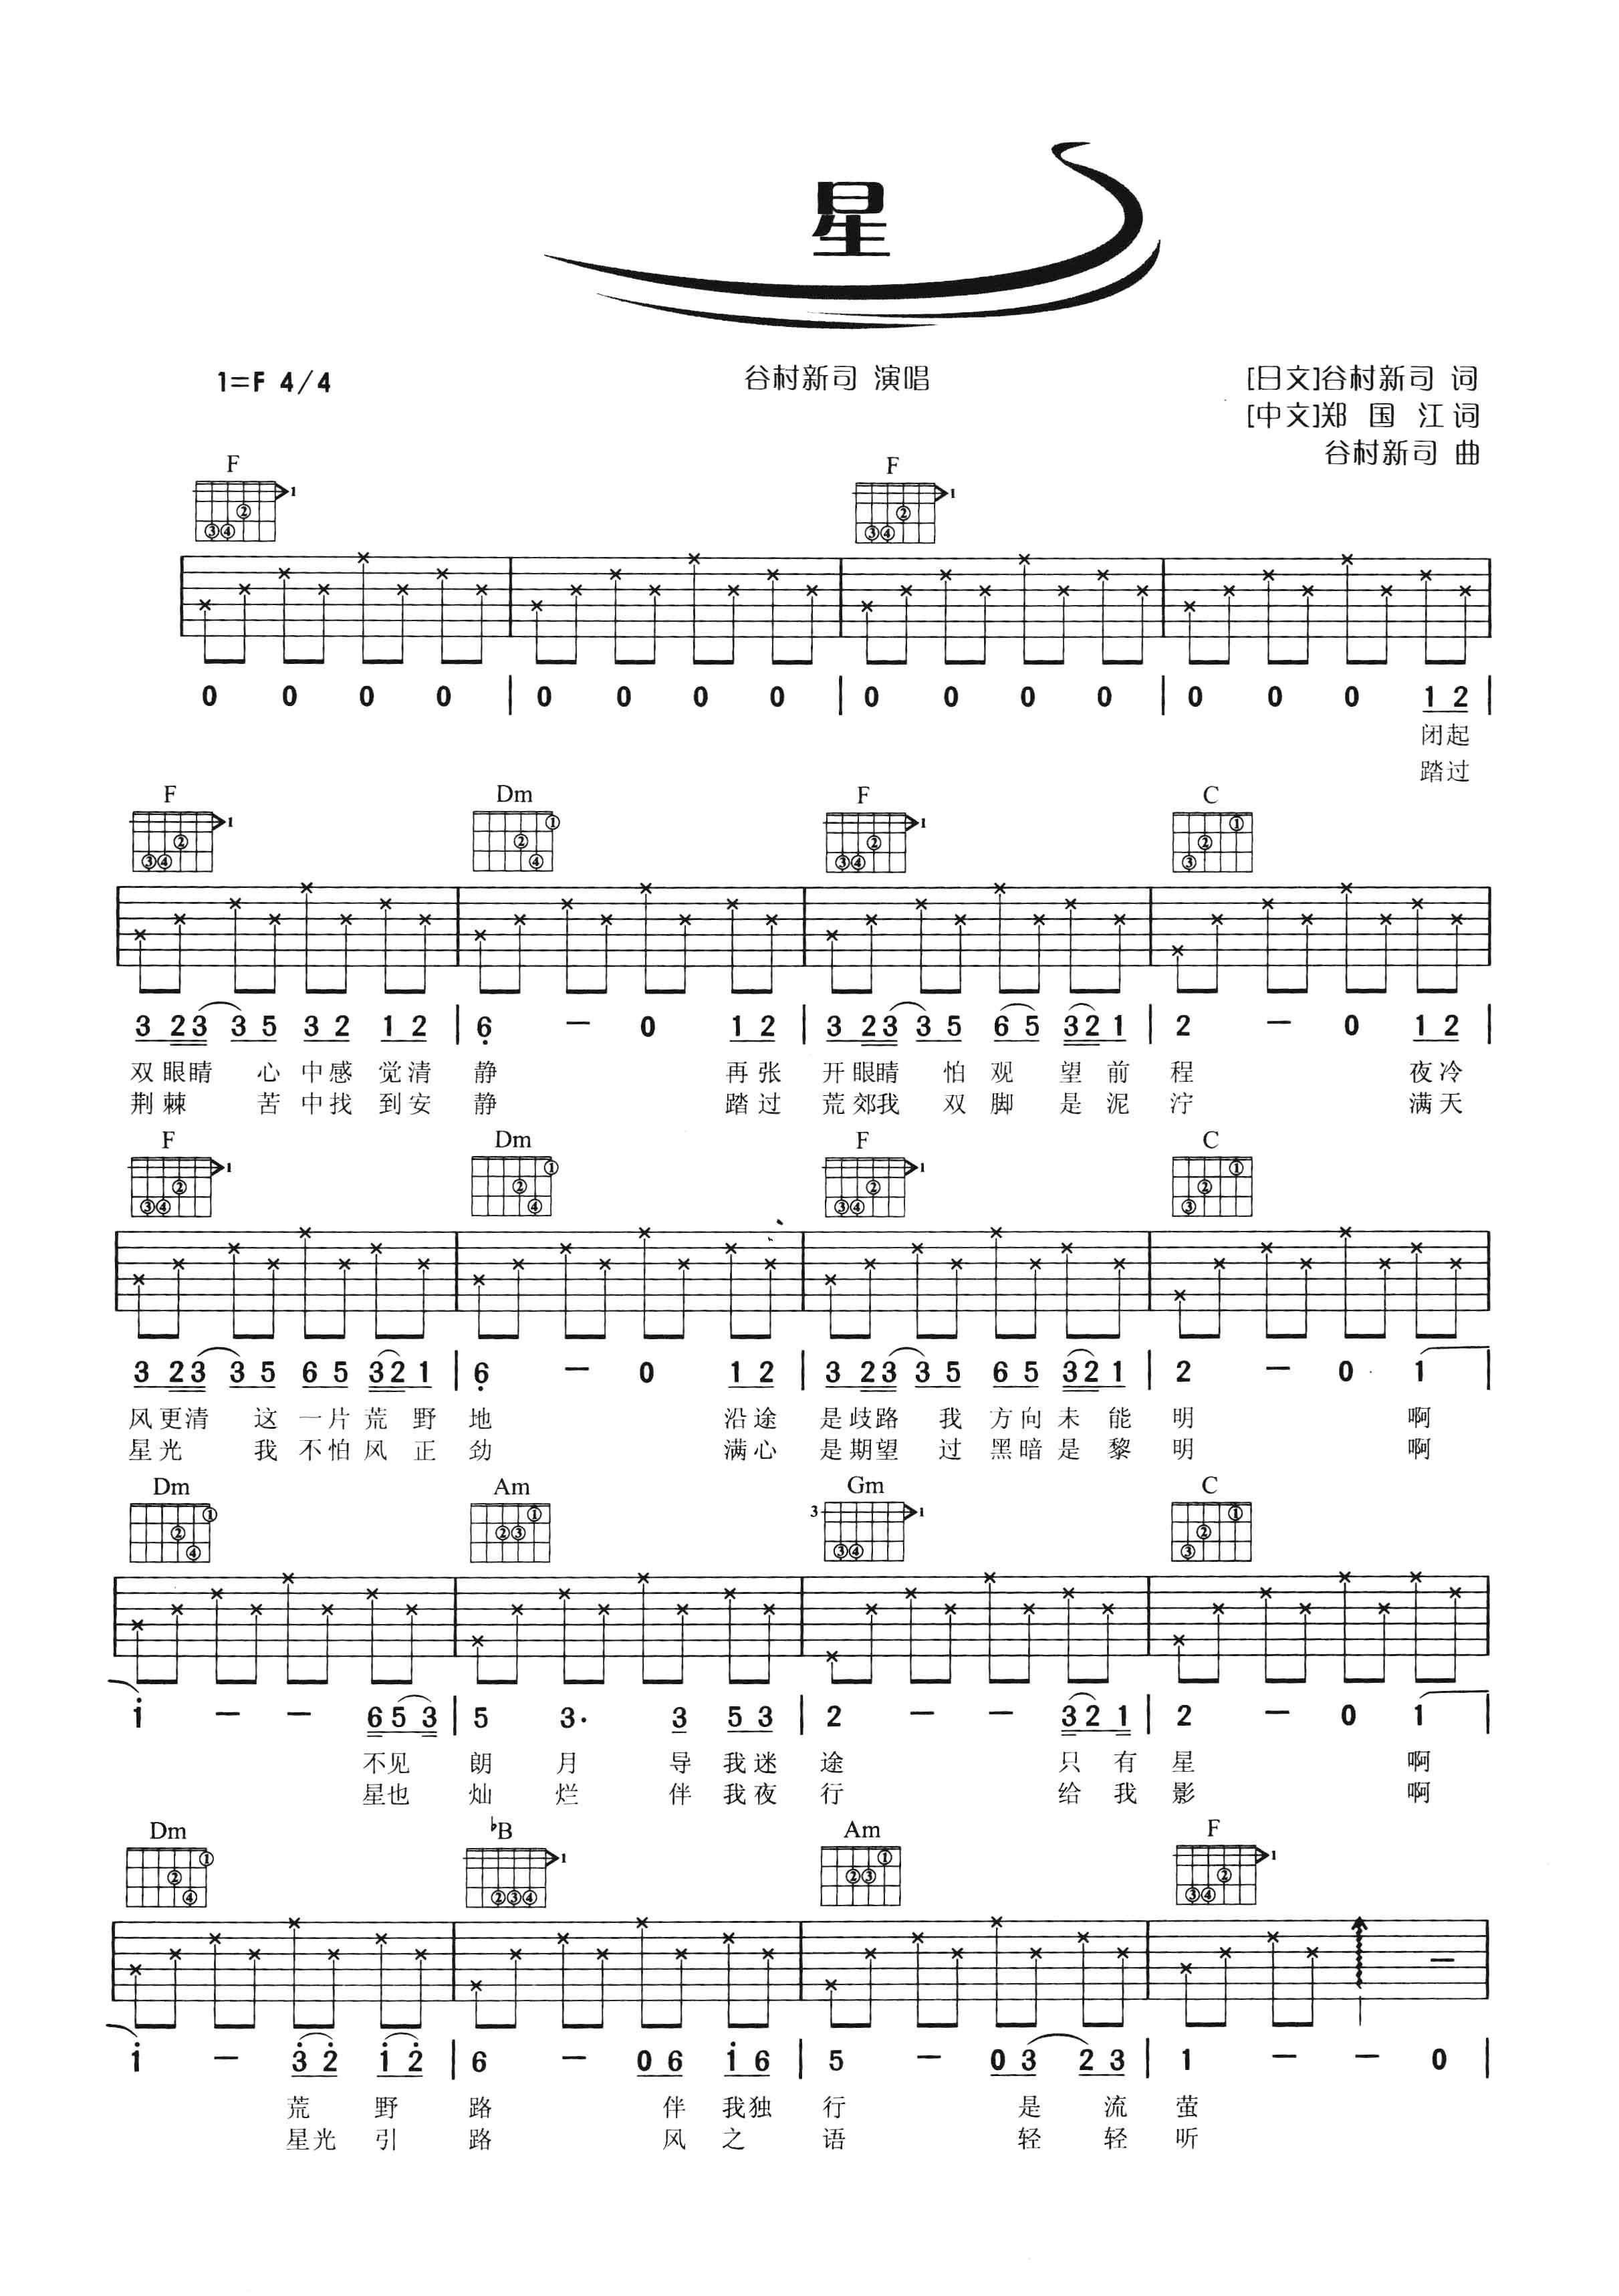 星吉他谱谷村新司